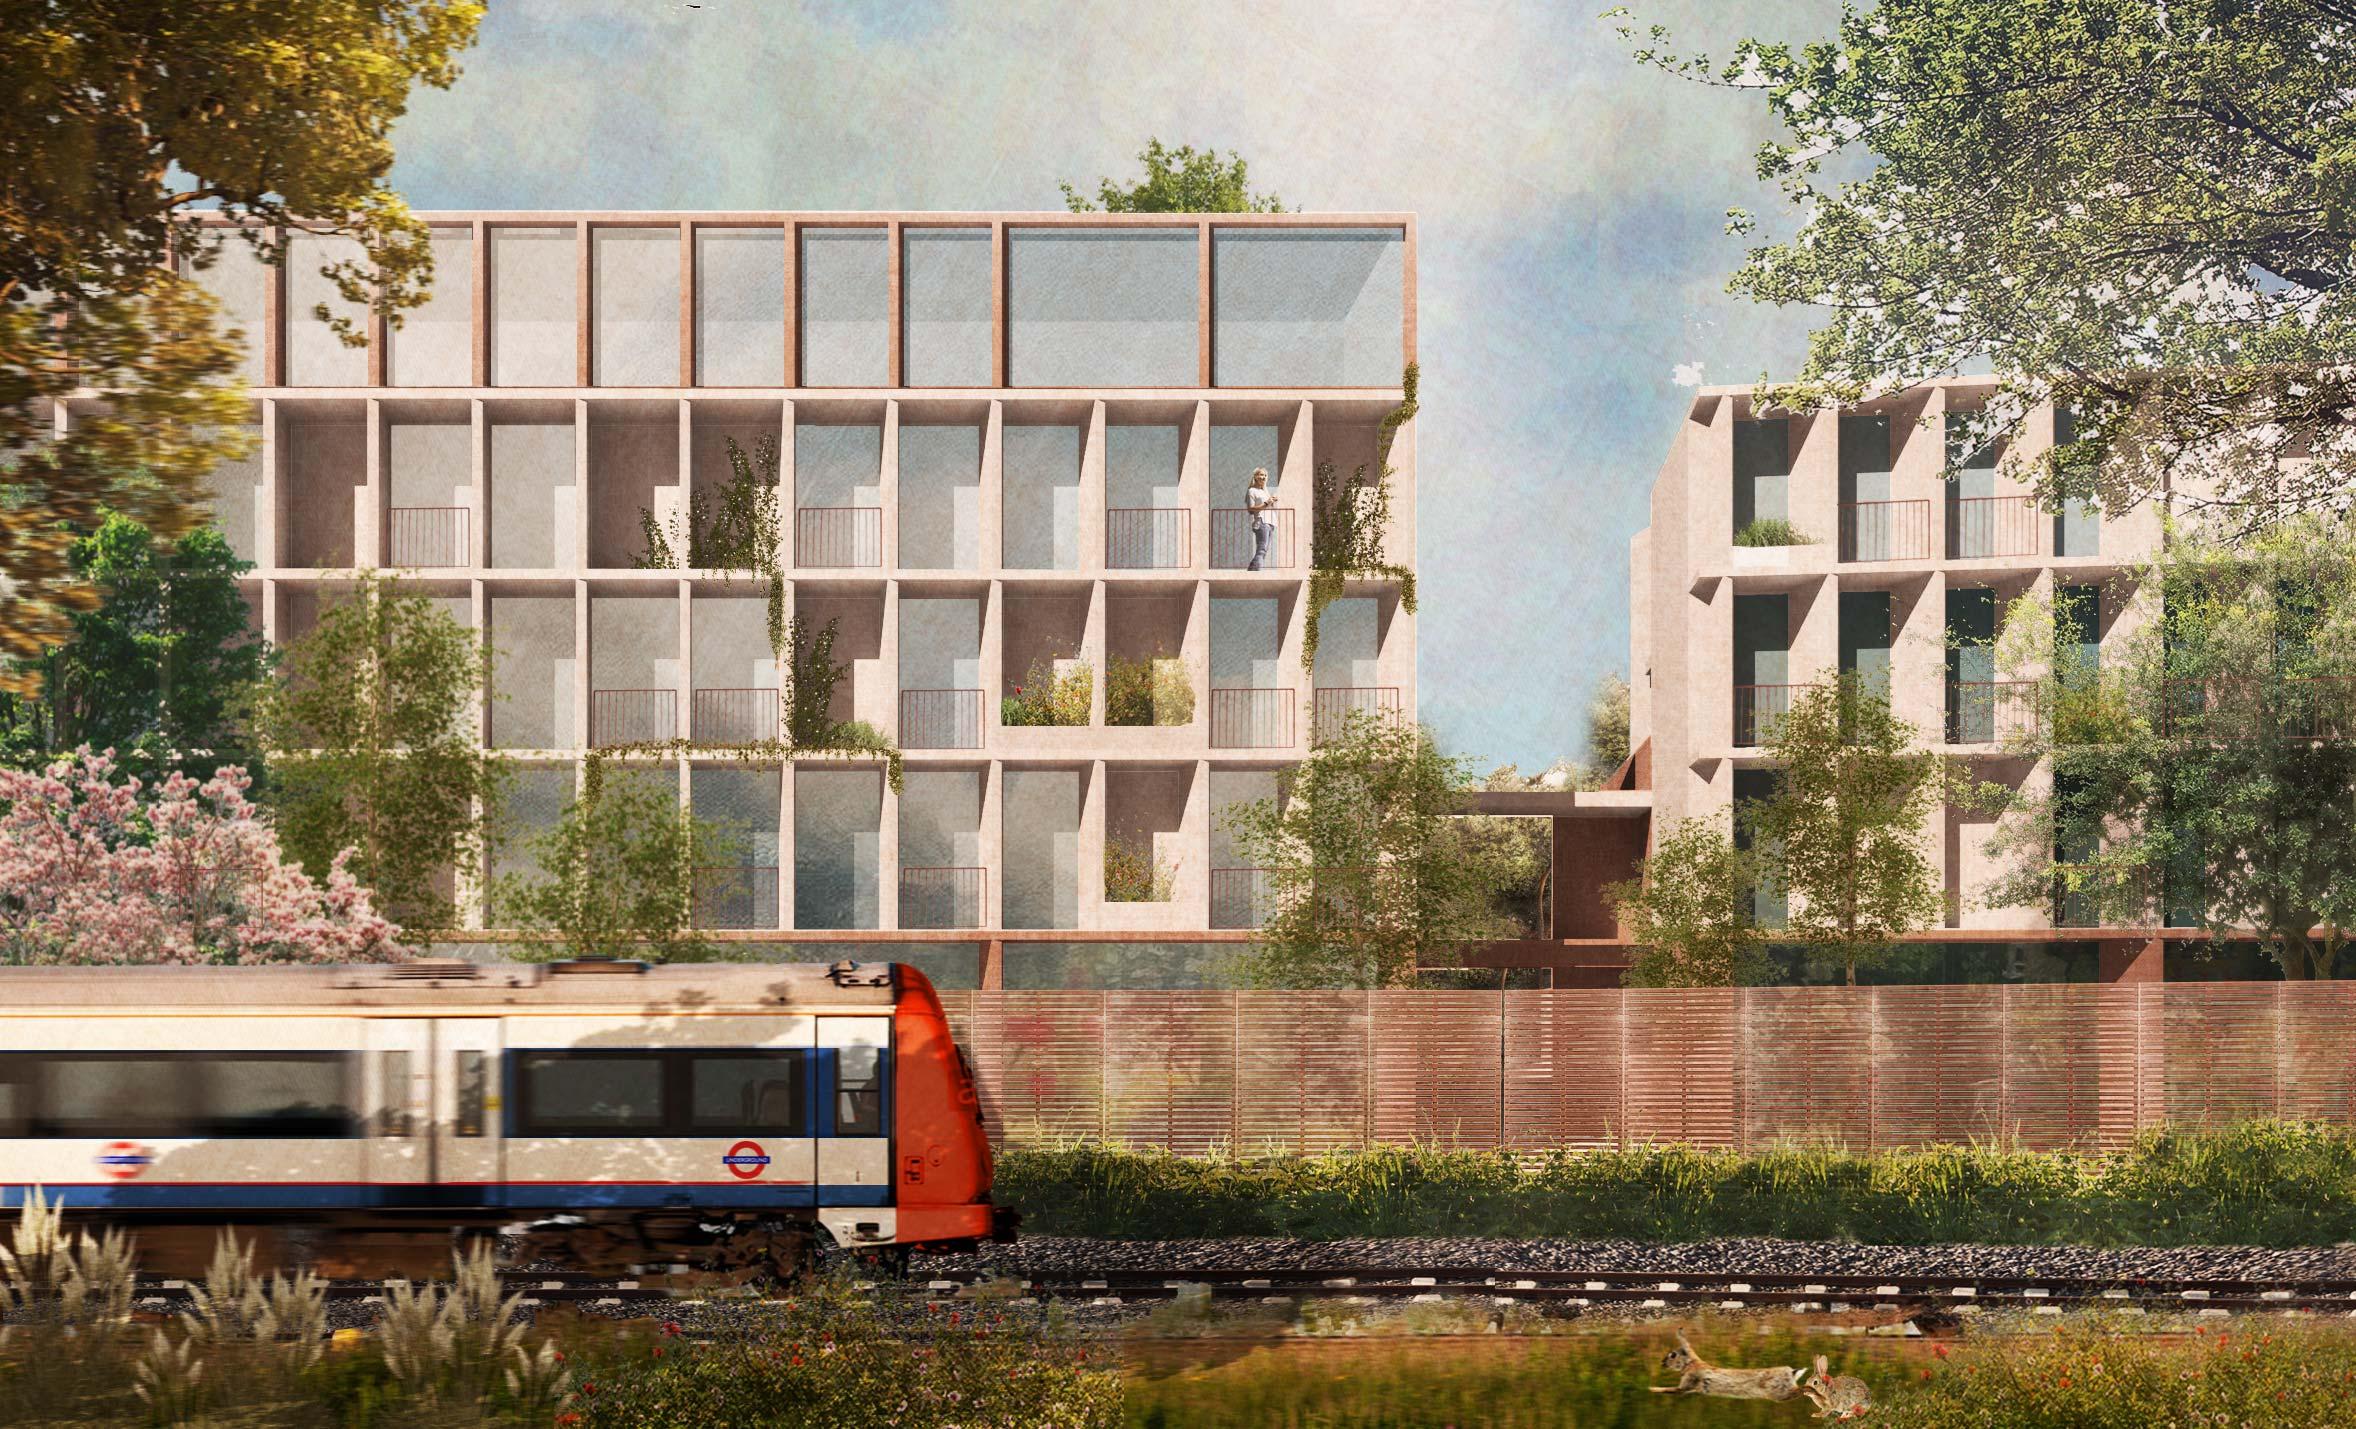 Ealing Fields  Co-Living Scheme -  London